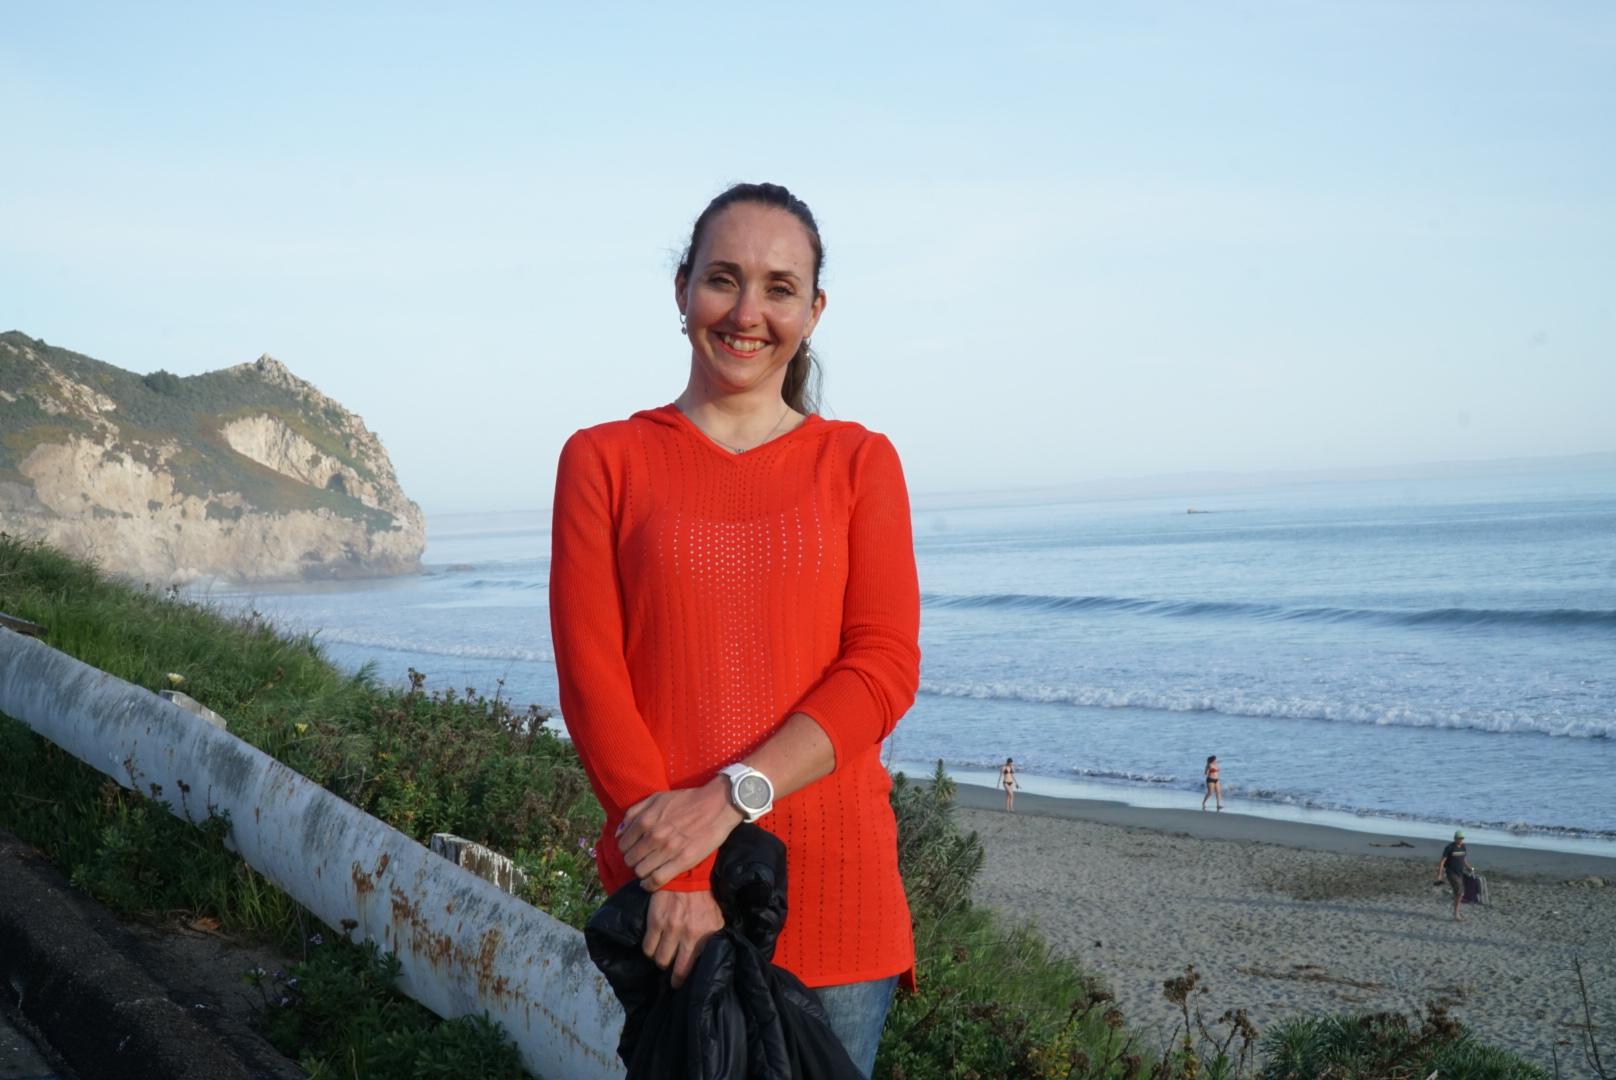 Eva looking cute in her Harbor Long Sleeve sweater.